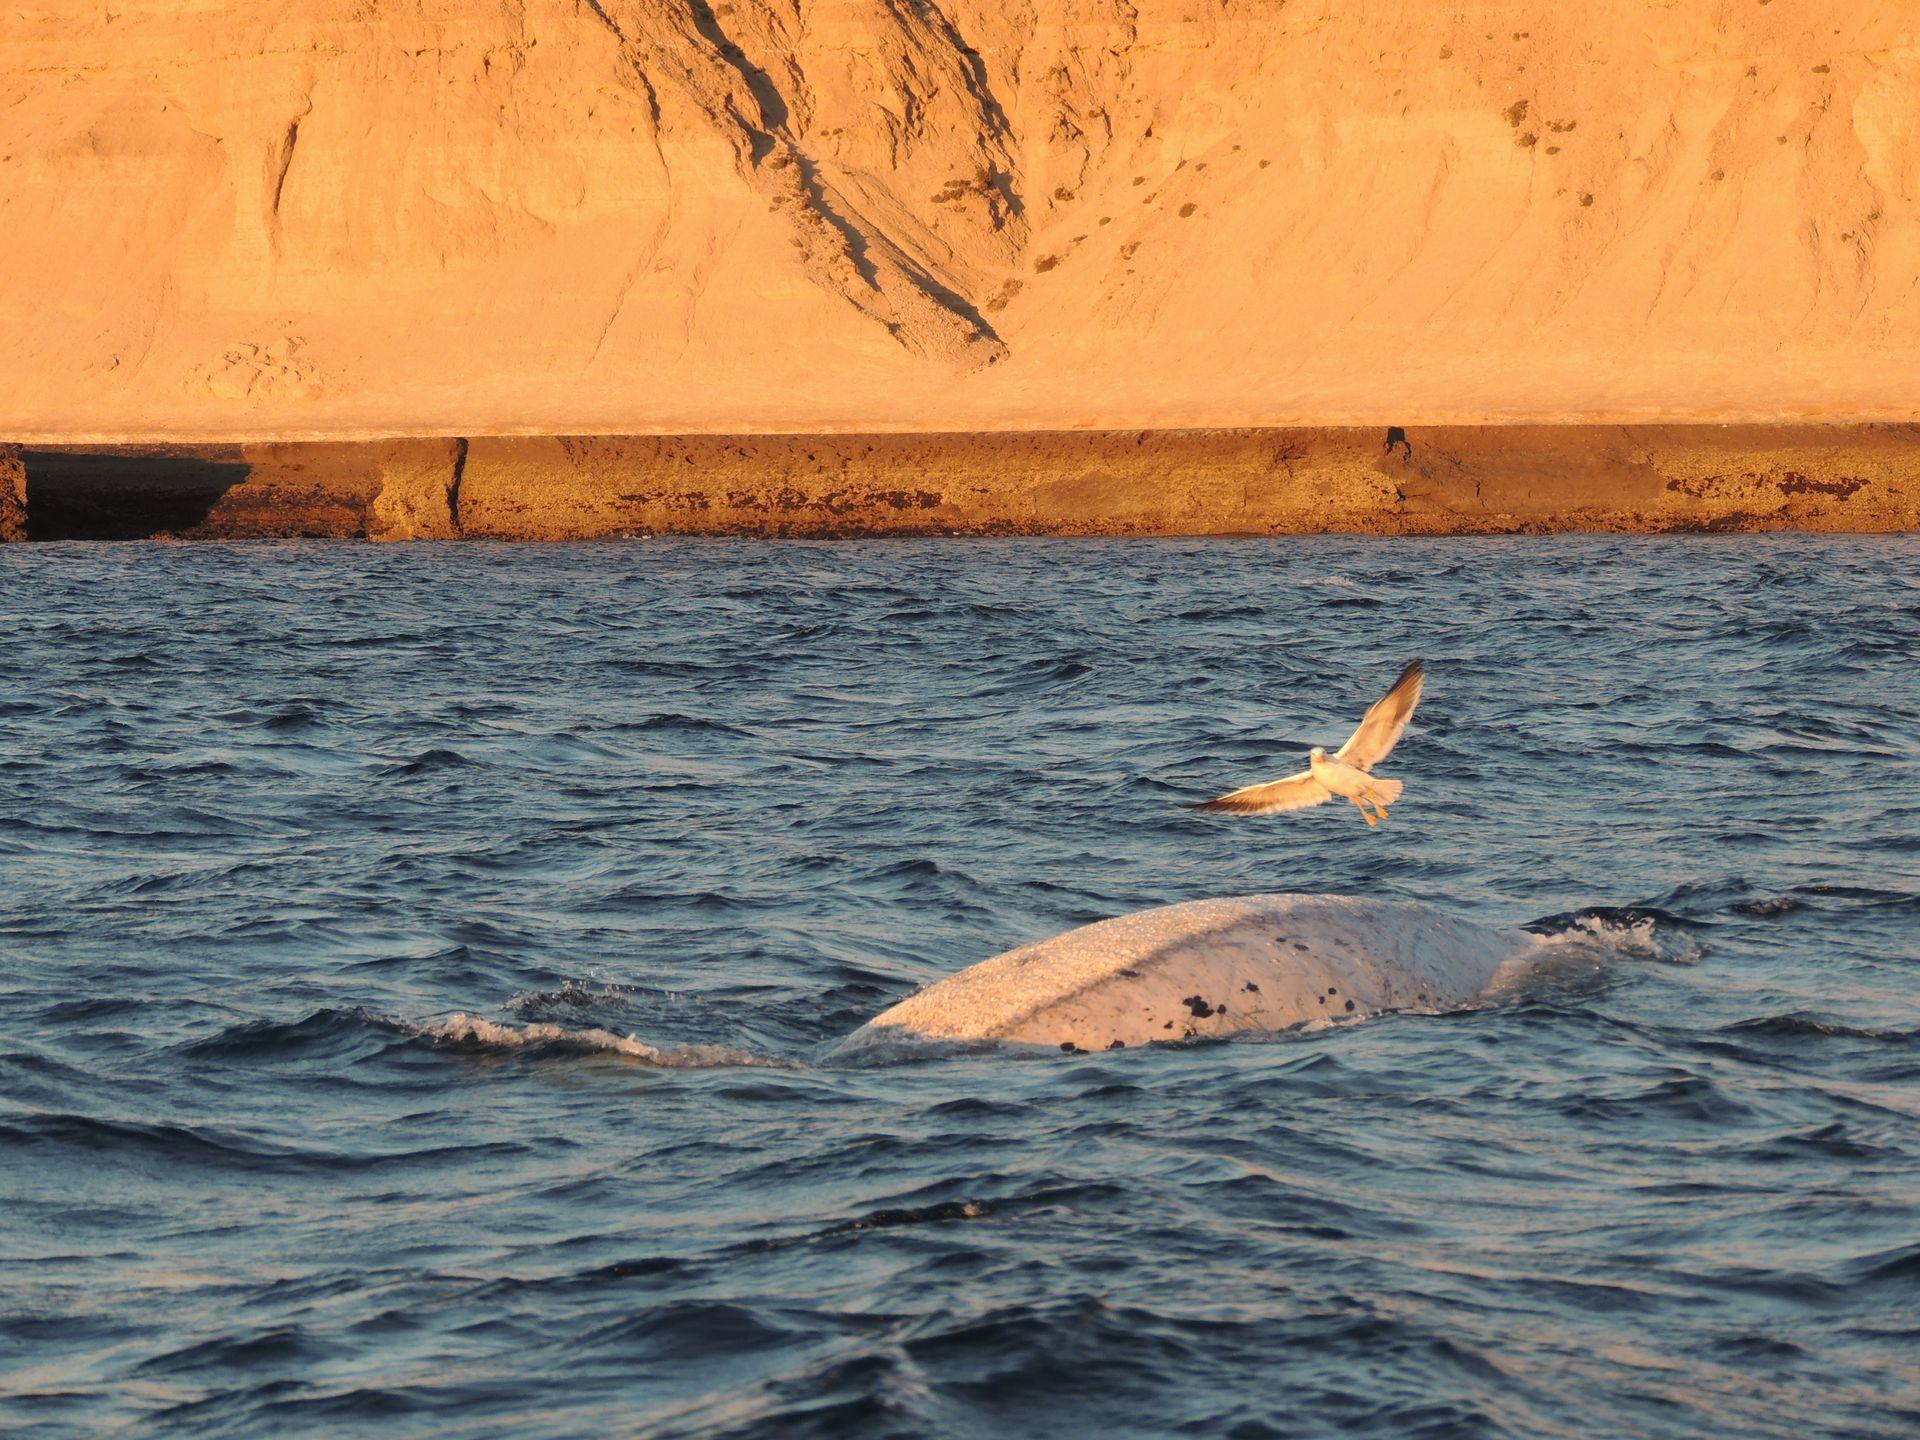 Las gaviotas se posan sobre la espalda de las ballenas, y con sus picos abren heridas y se alimentan de la piel, causándoles dolor.